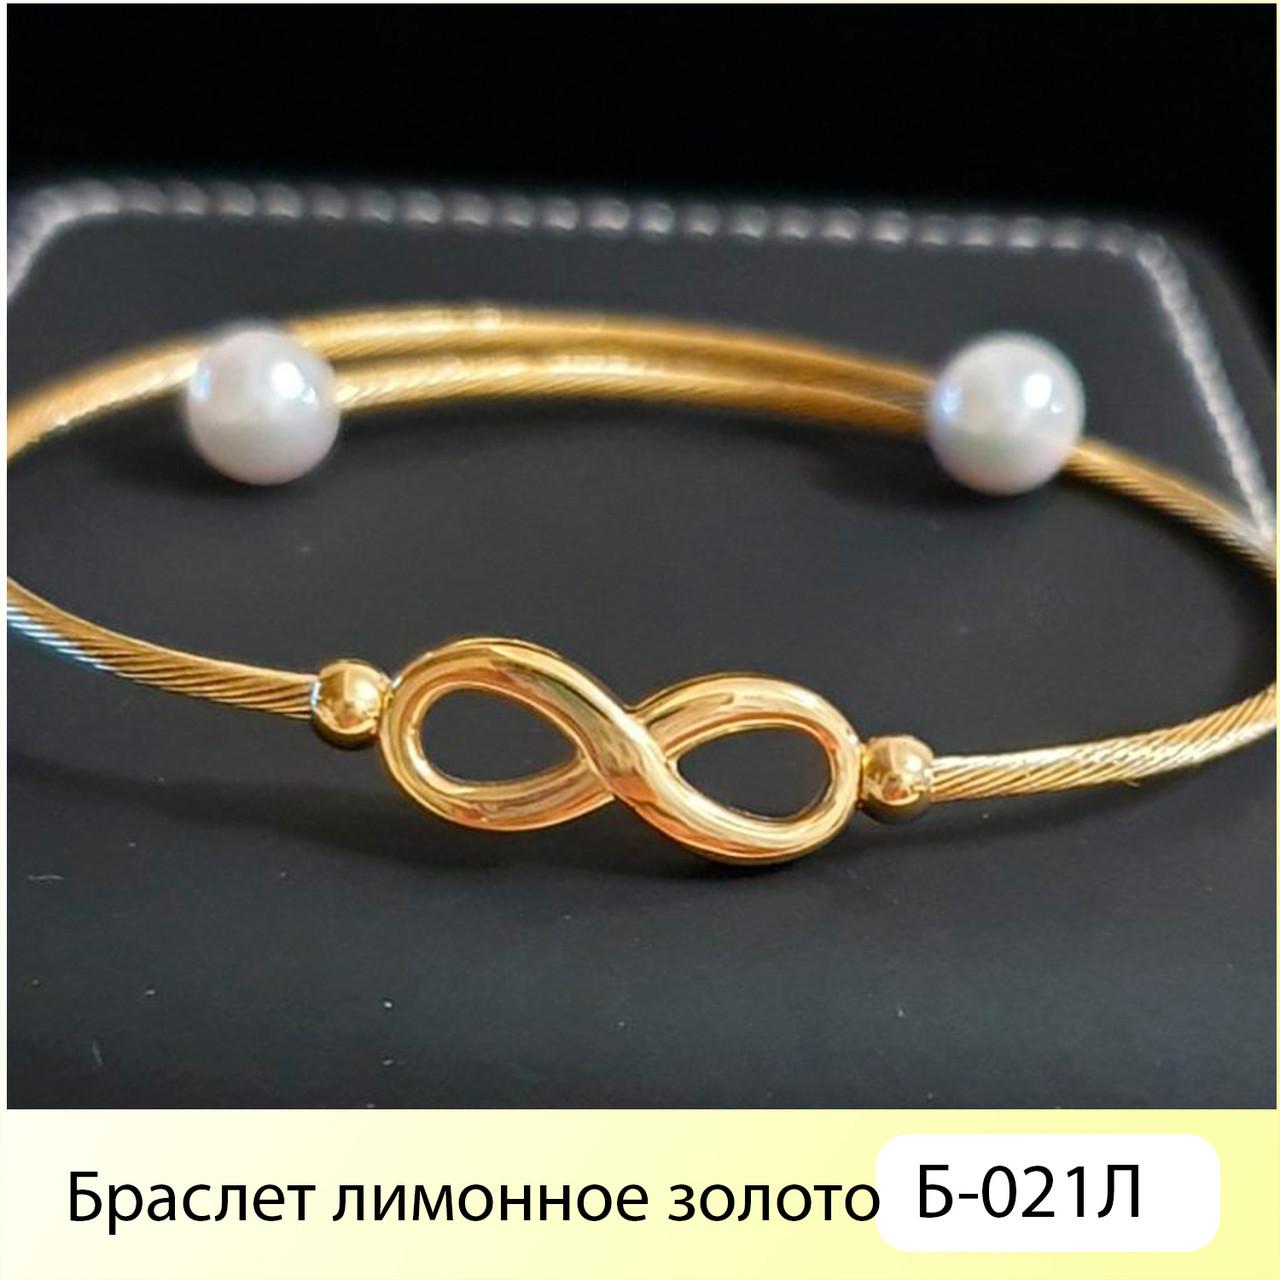 Браслет лимонное золото Б-021Л